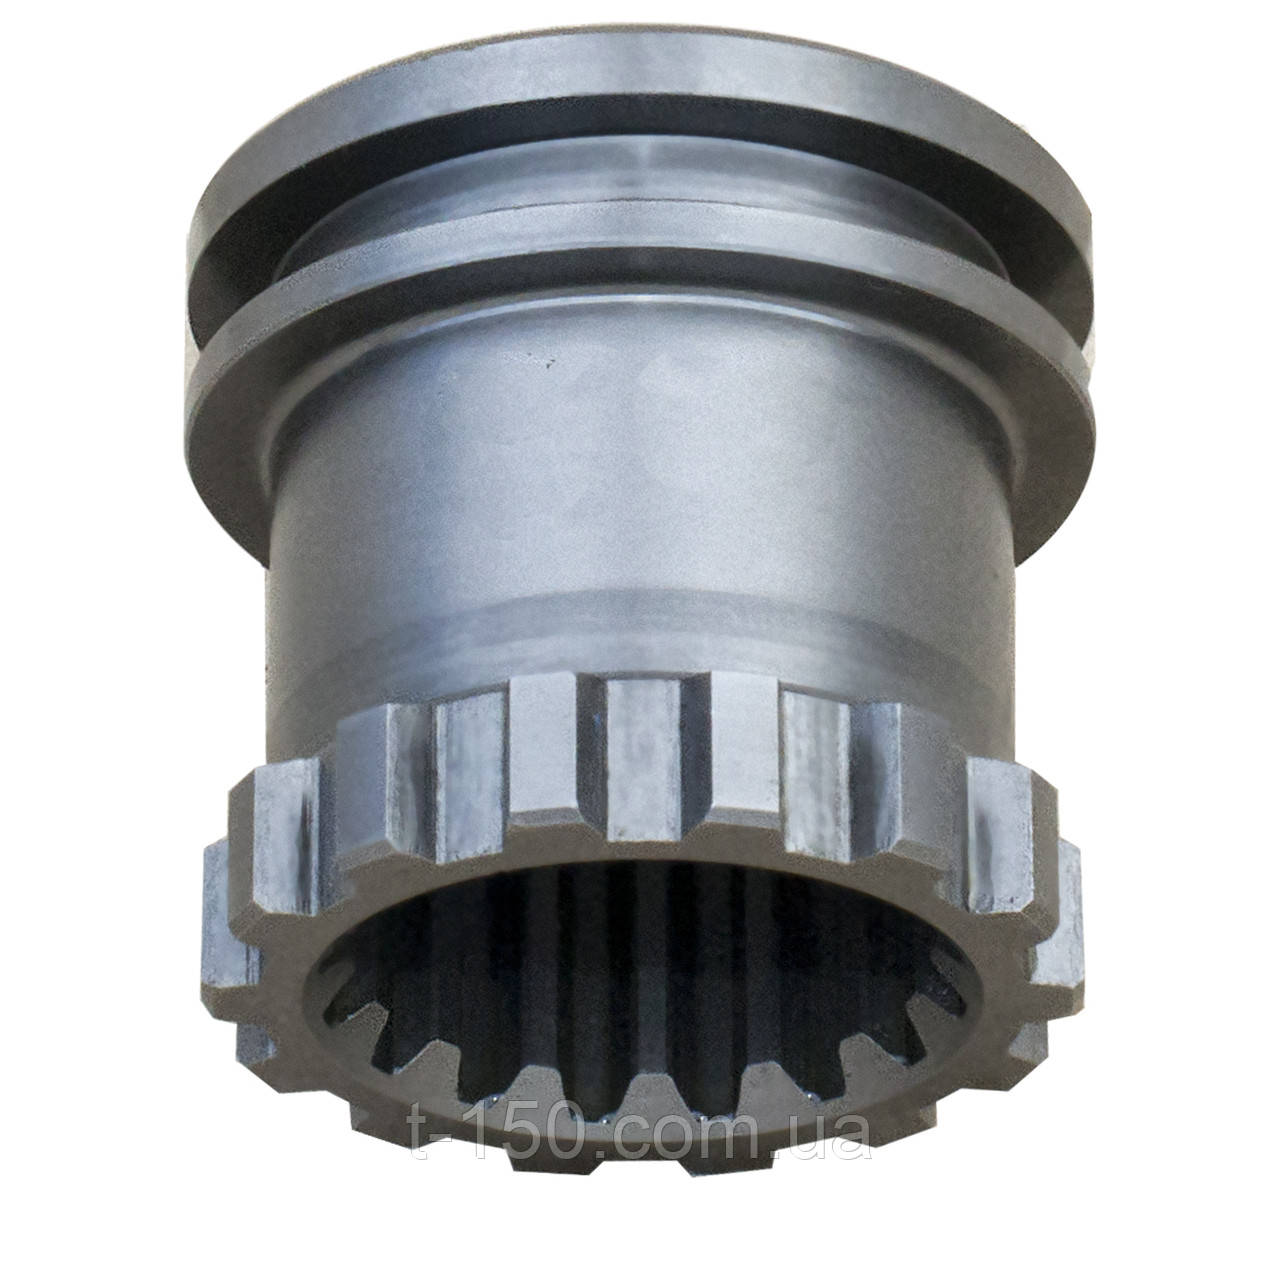 Муфта соединительная трактора МТЗ-80 (70-1601081)